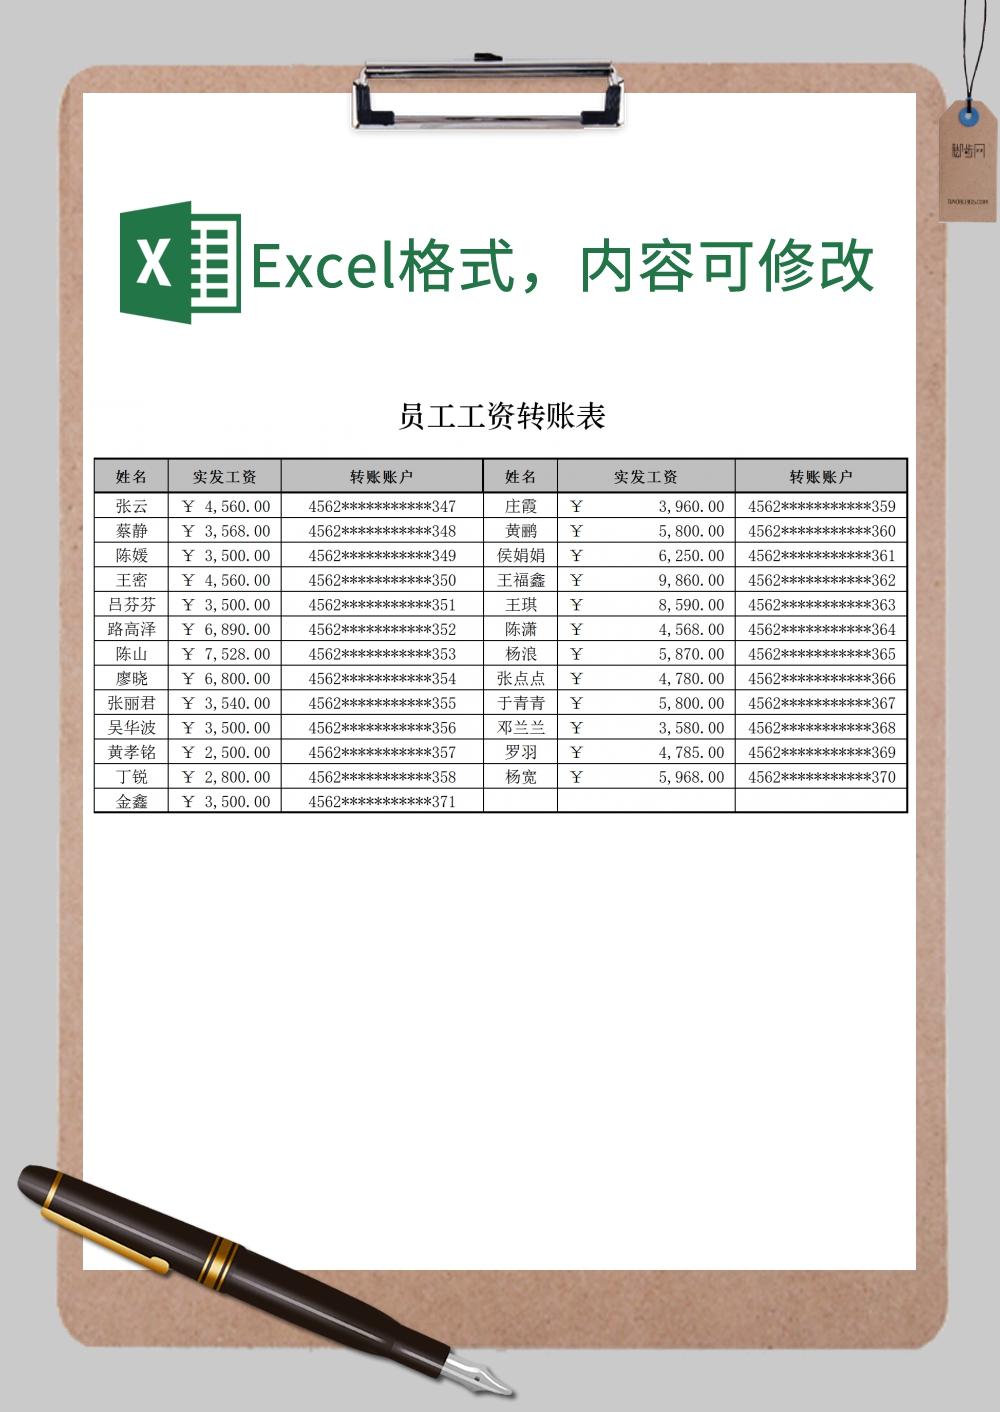 员工工资转账记录表Excel模板